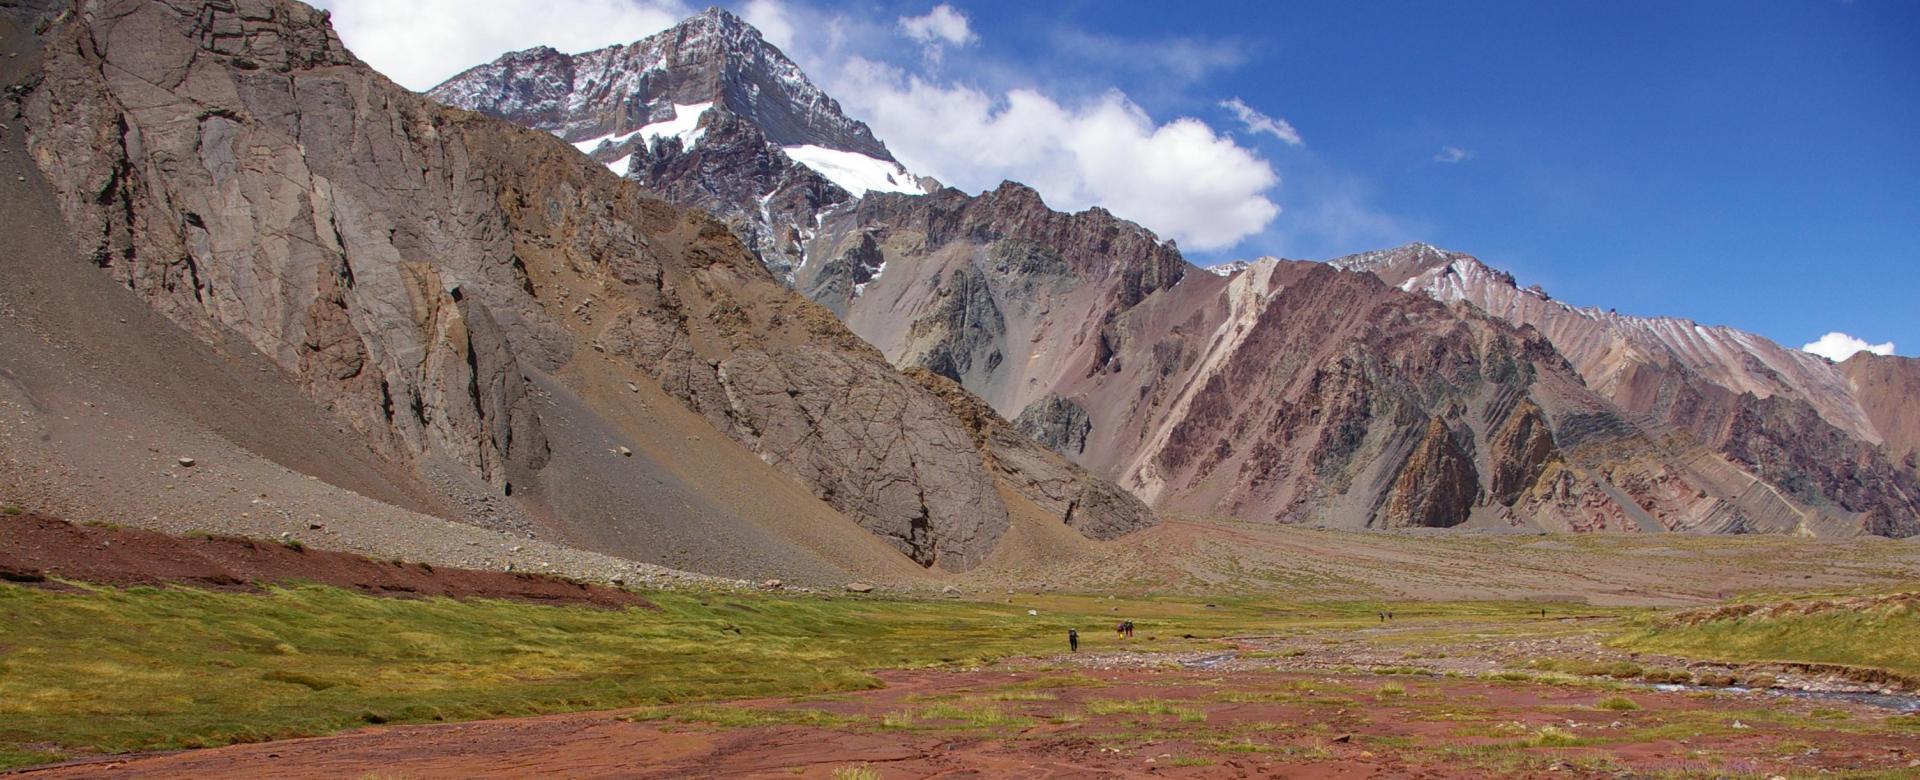 Voyage à pied : L\'aconcagua (6962 m) par la voie normale